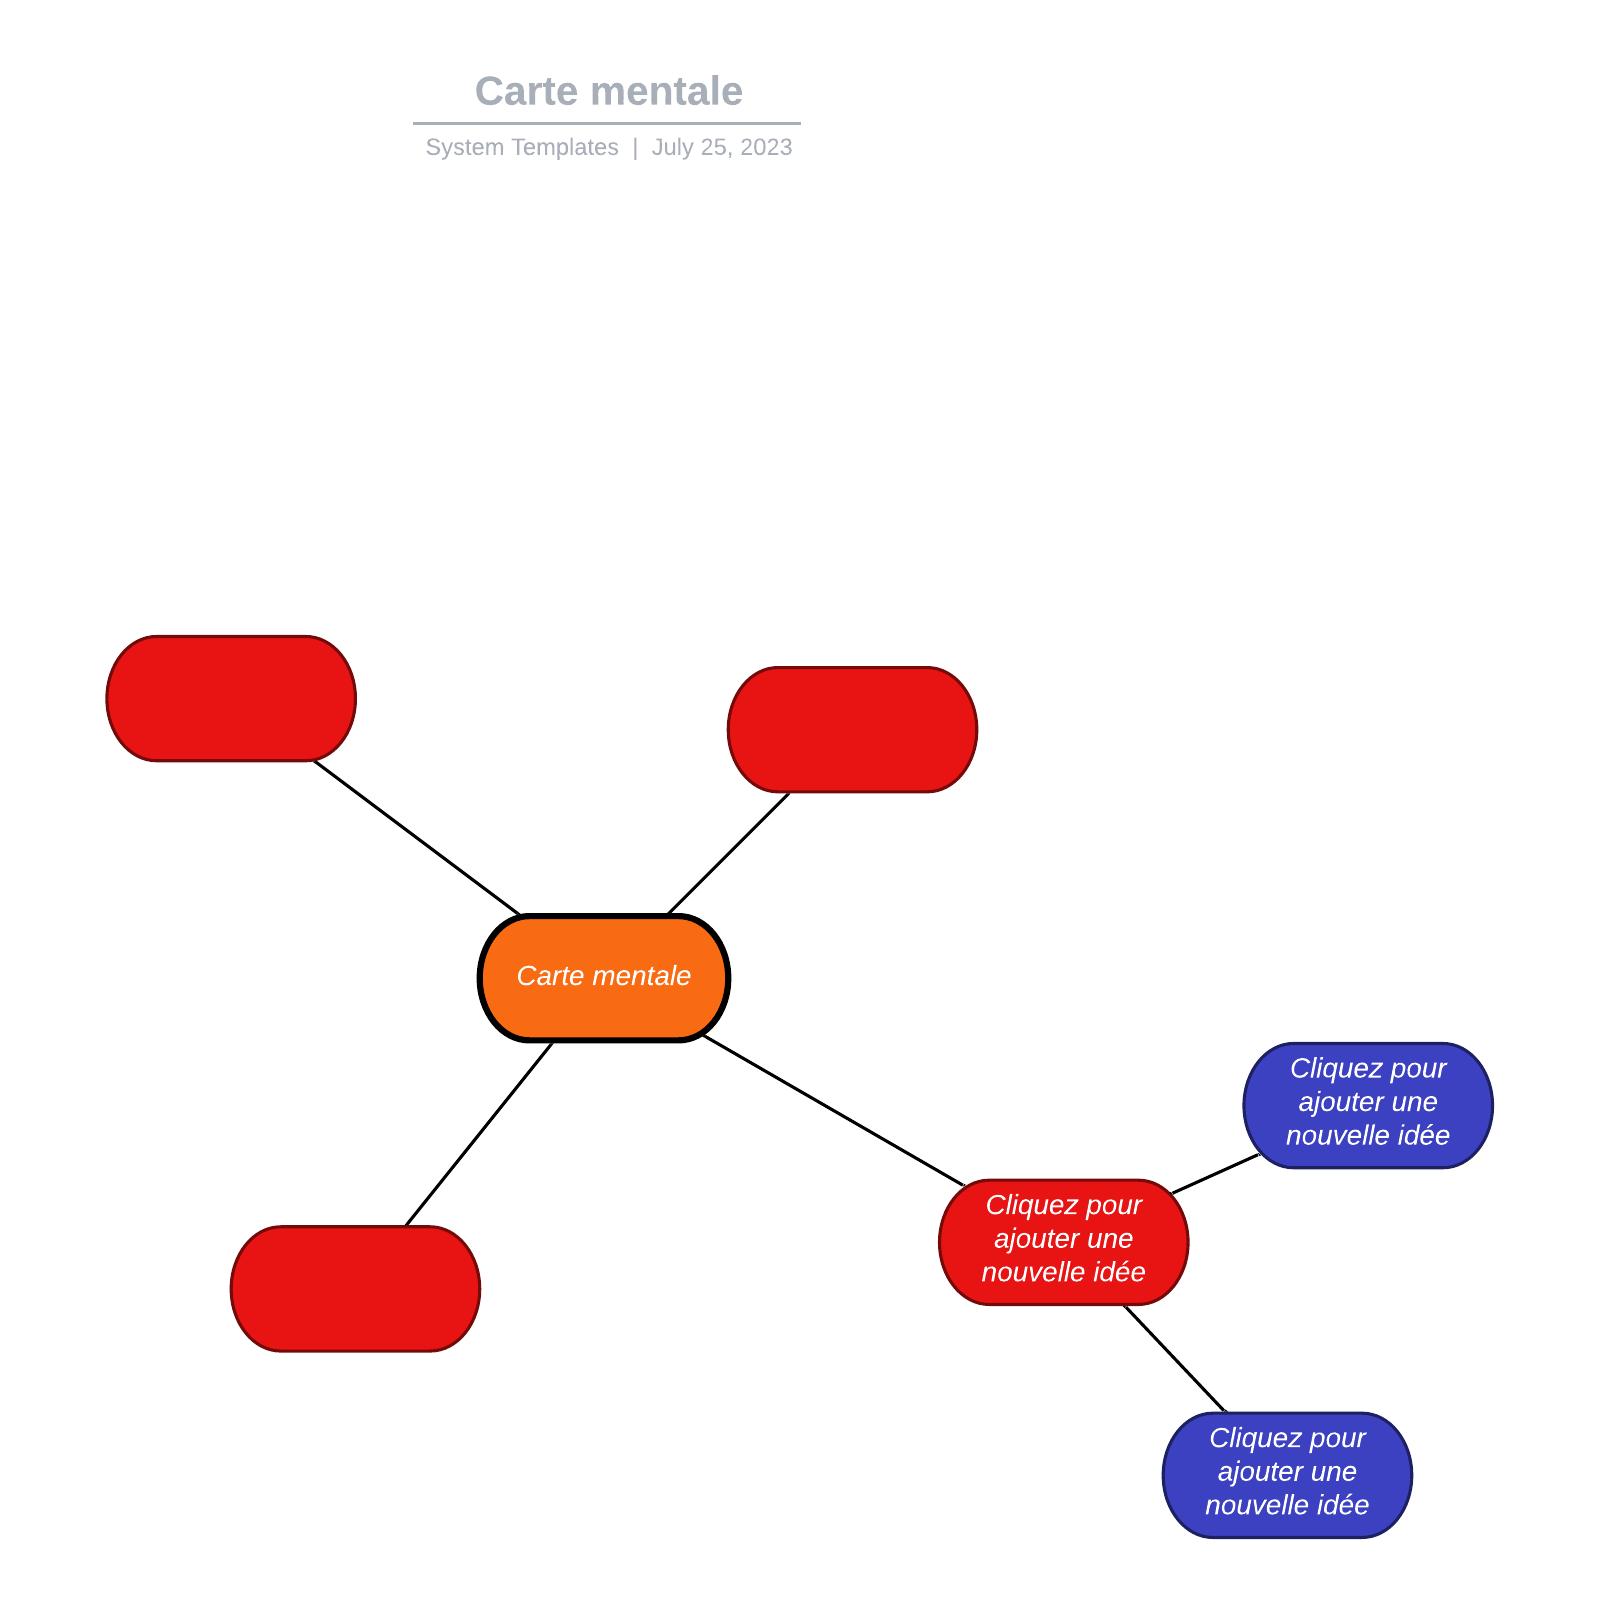 exemple de carte mentale vierge simple